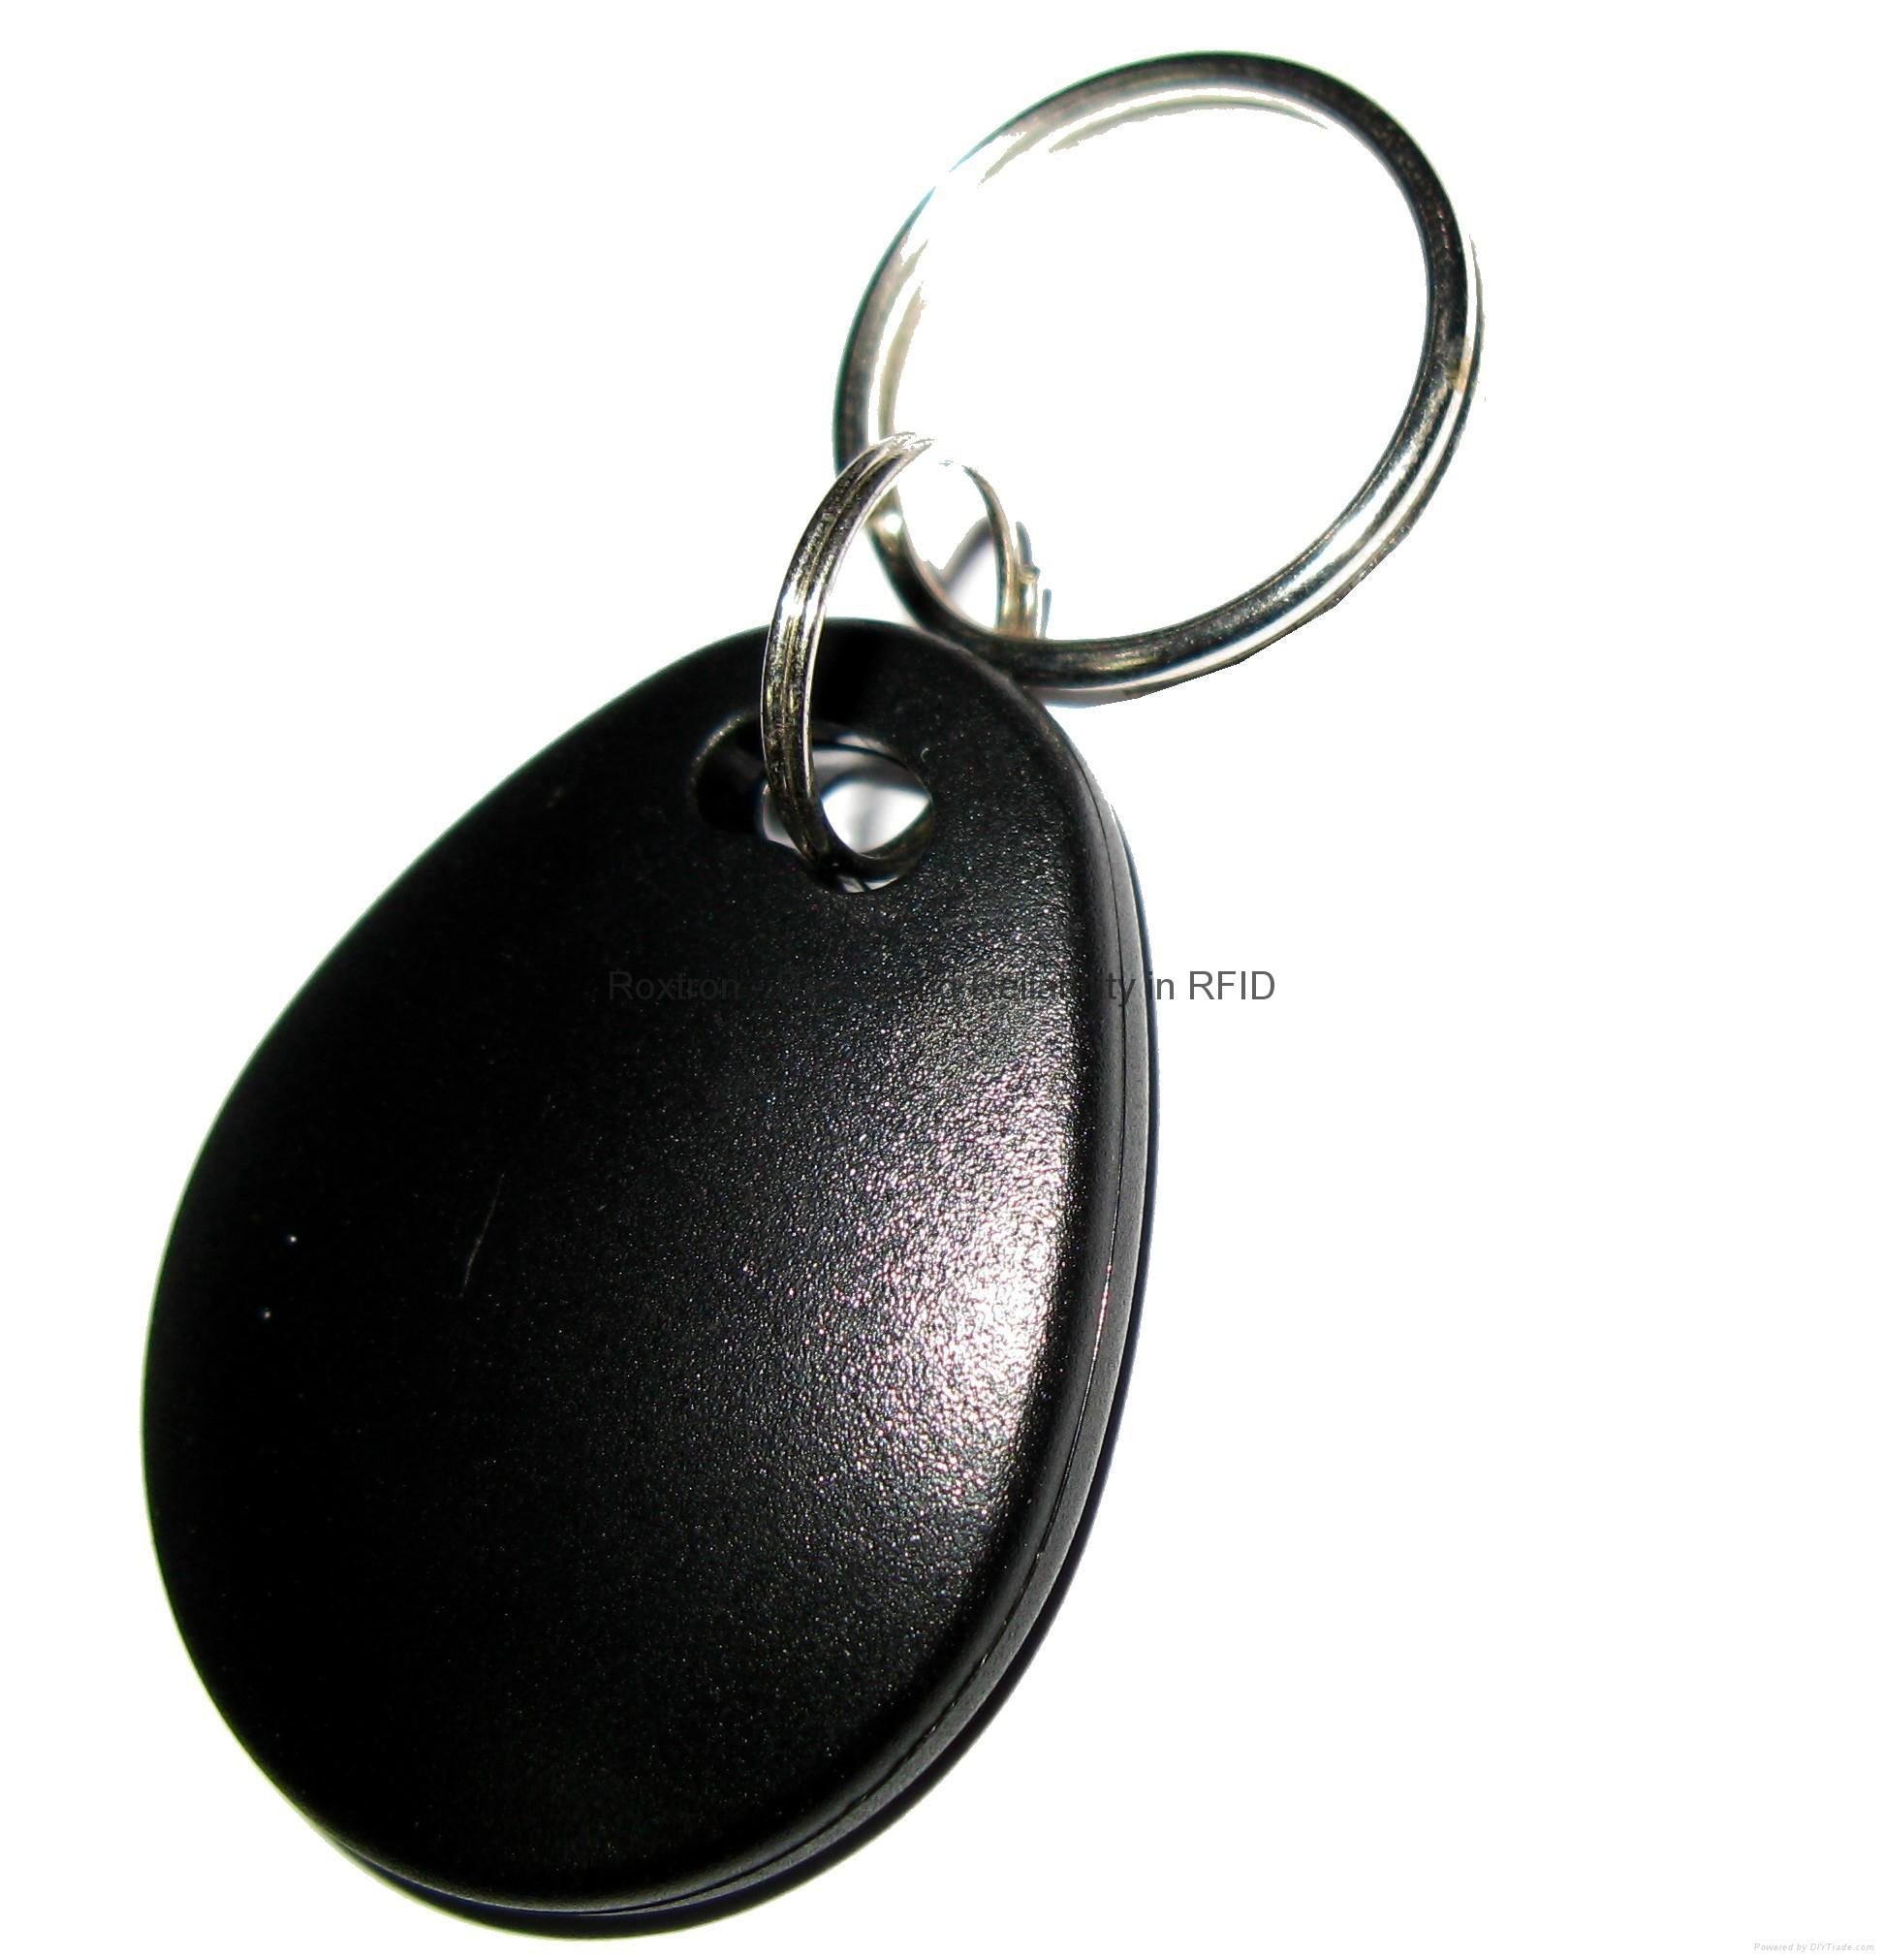 EM4102 RXK03 Key Fob 9